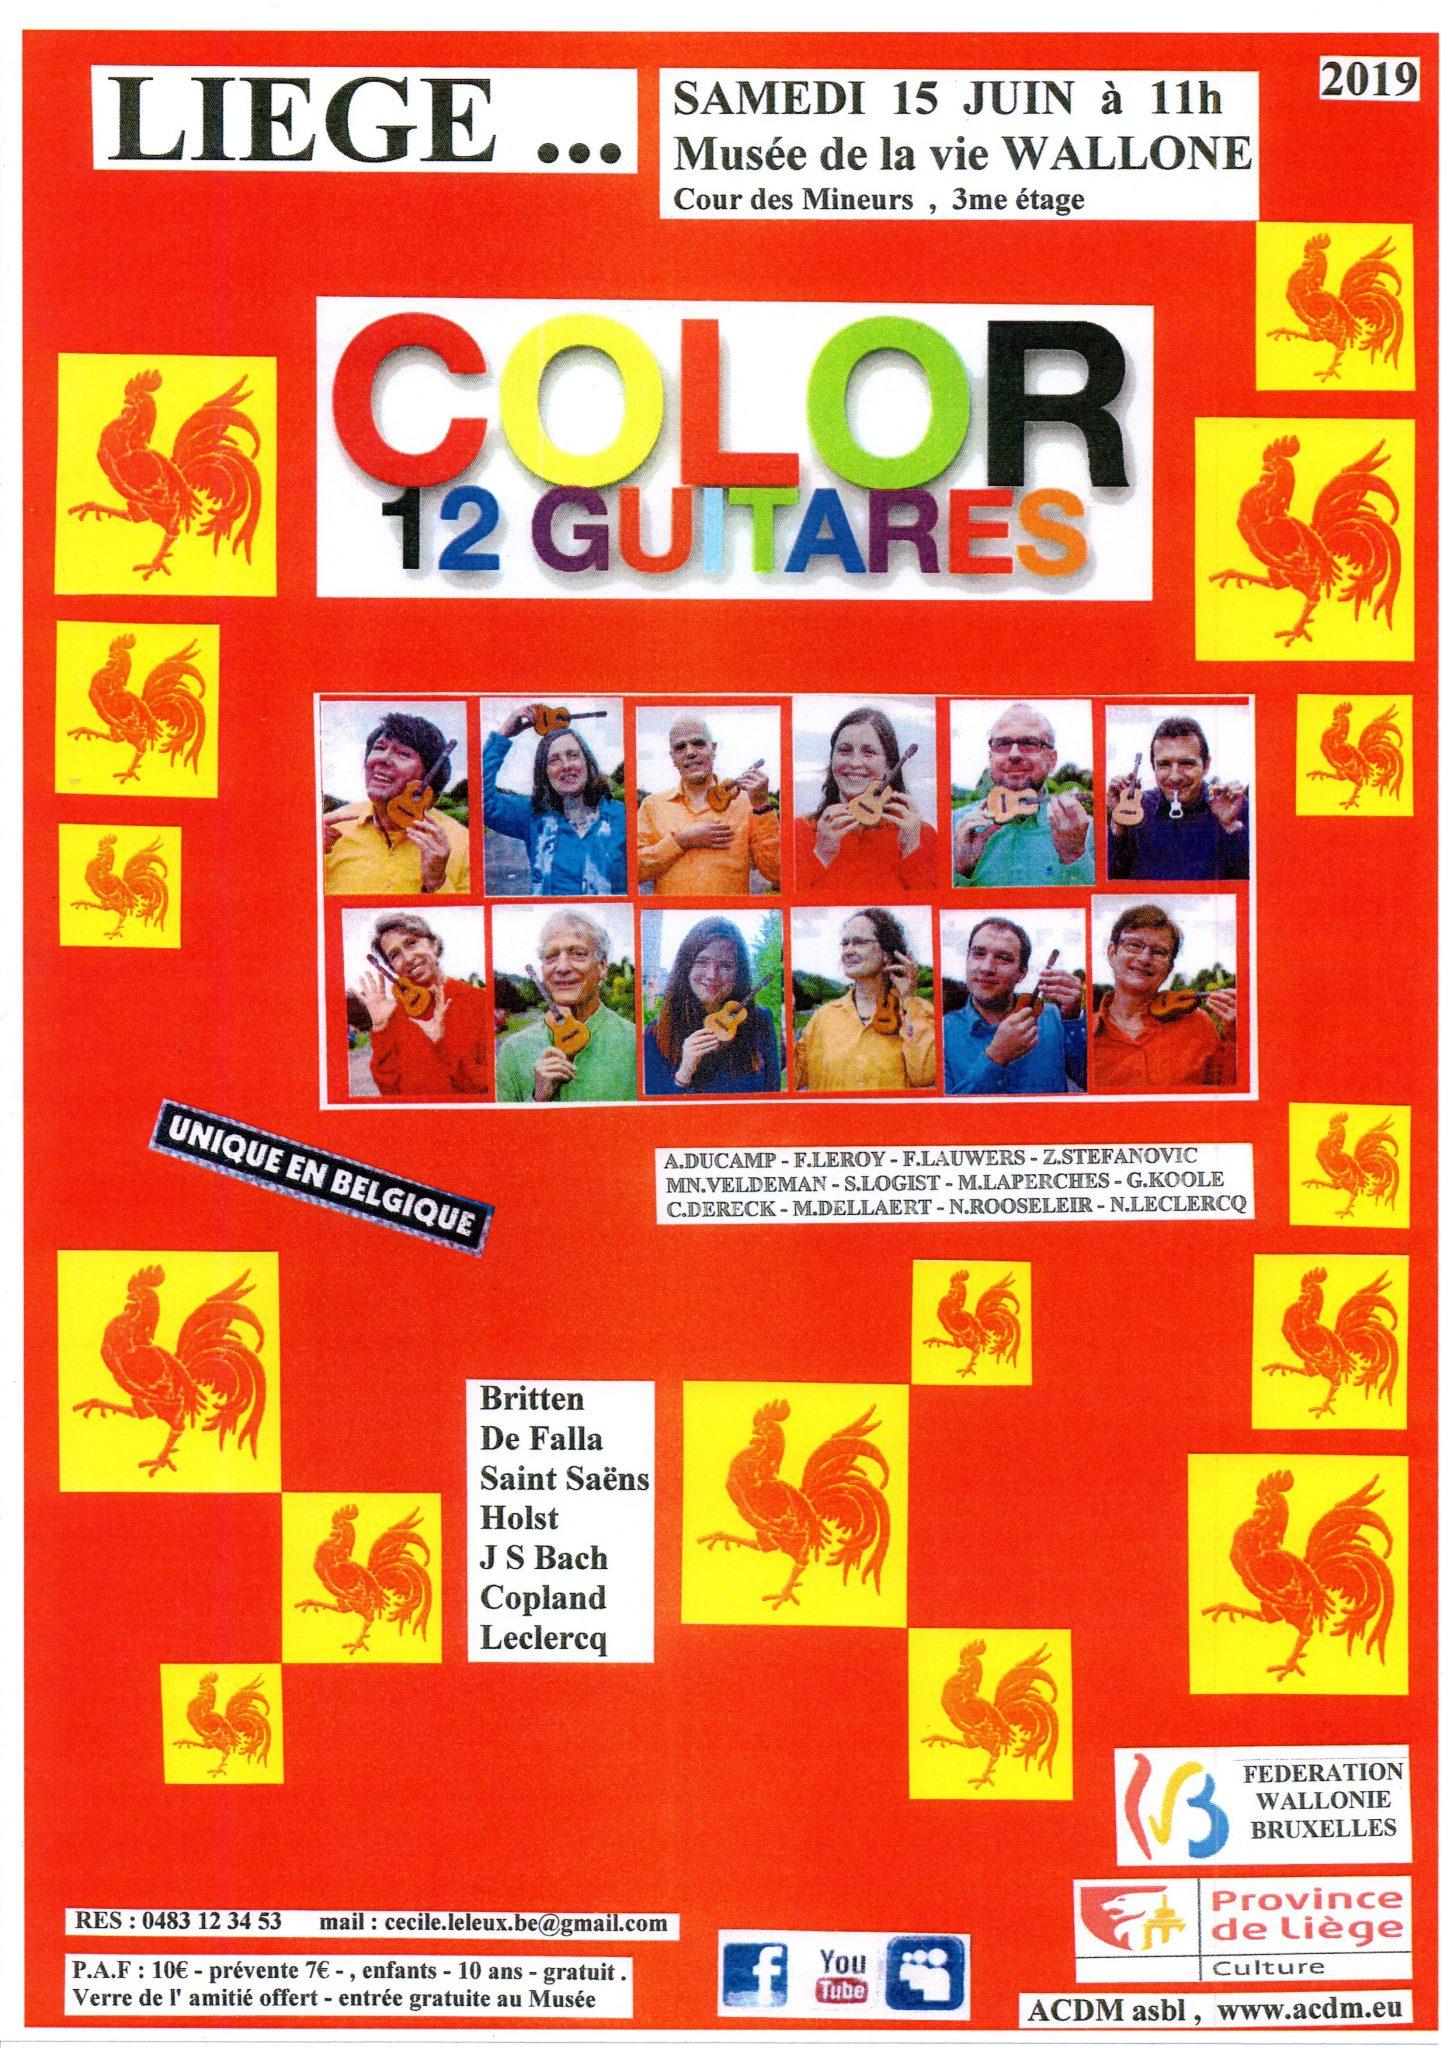 color 12 guitares @ musee de la vie wallone | Liège | Wallonie | België